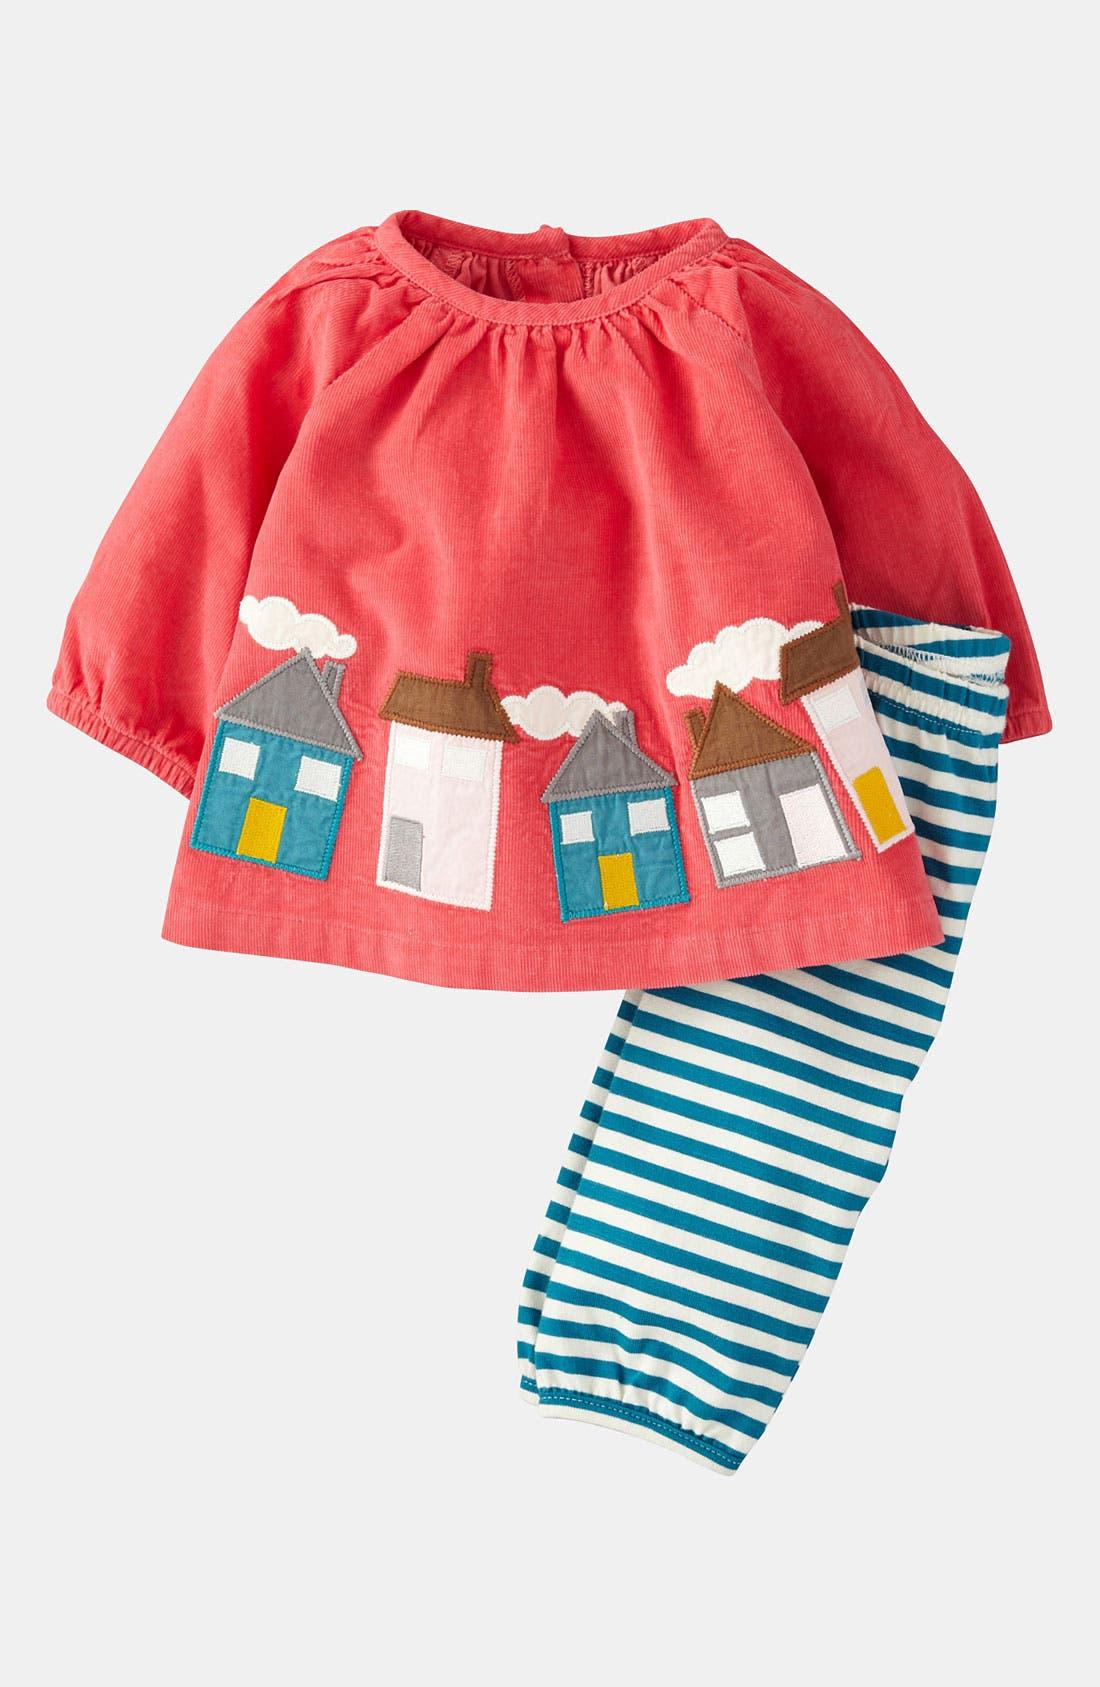 Alternate Image 1 Selected - Mini Boden Appliqué Shirt & Leggings (Infant)